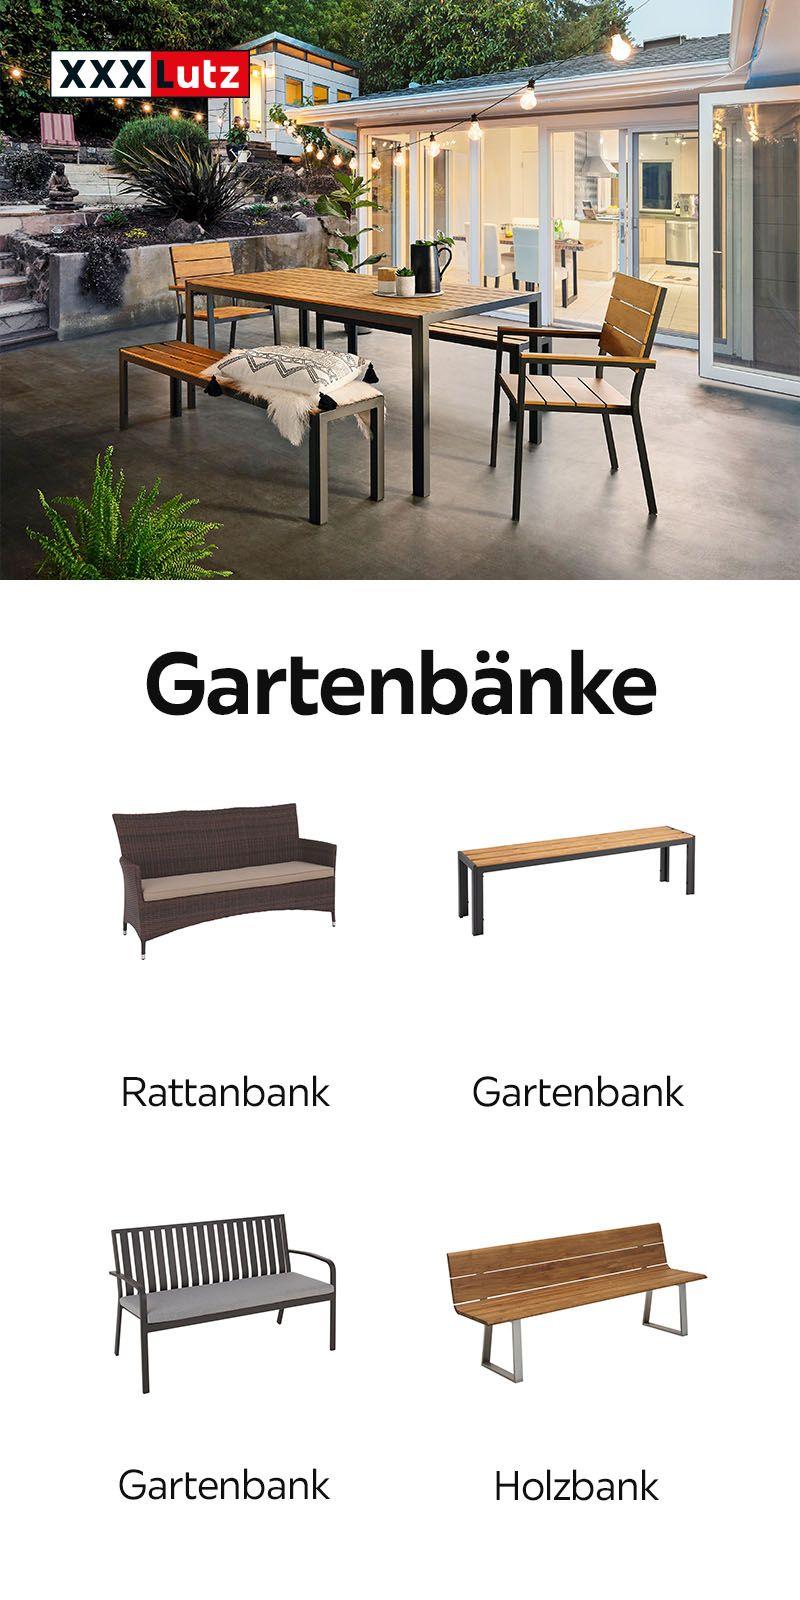 Gartenbanke Rattanbank Gartenbank Holzbank Gartenmobel Draussen Gartensaison Holzmobel Gartenbank Metall Gartenbanke Gartenbank